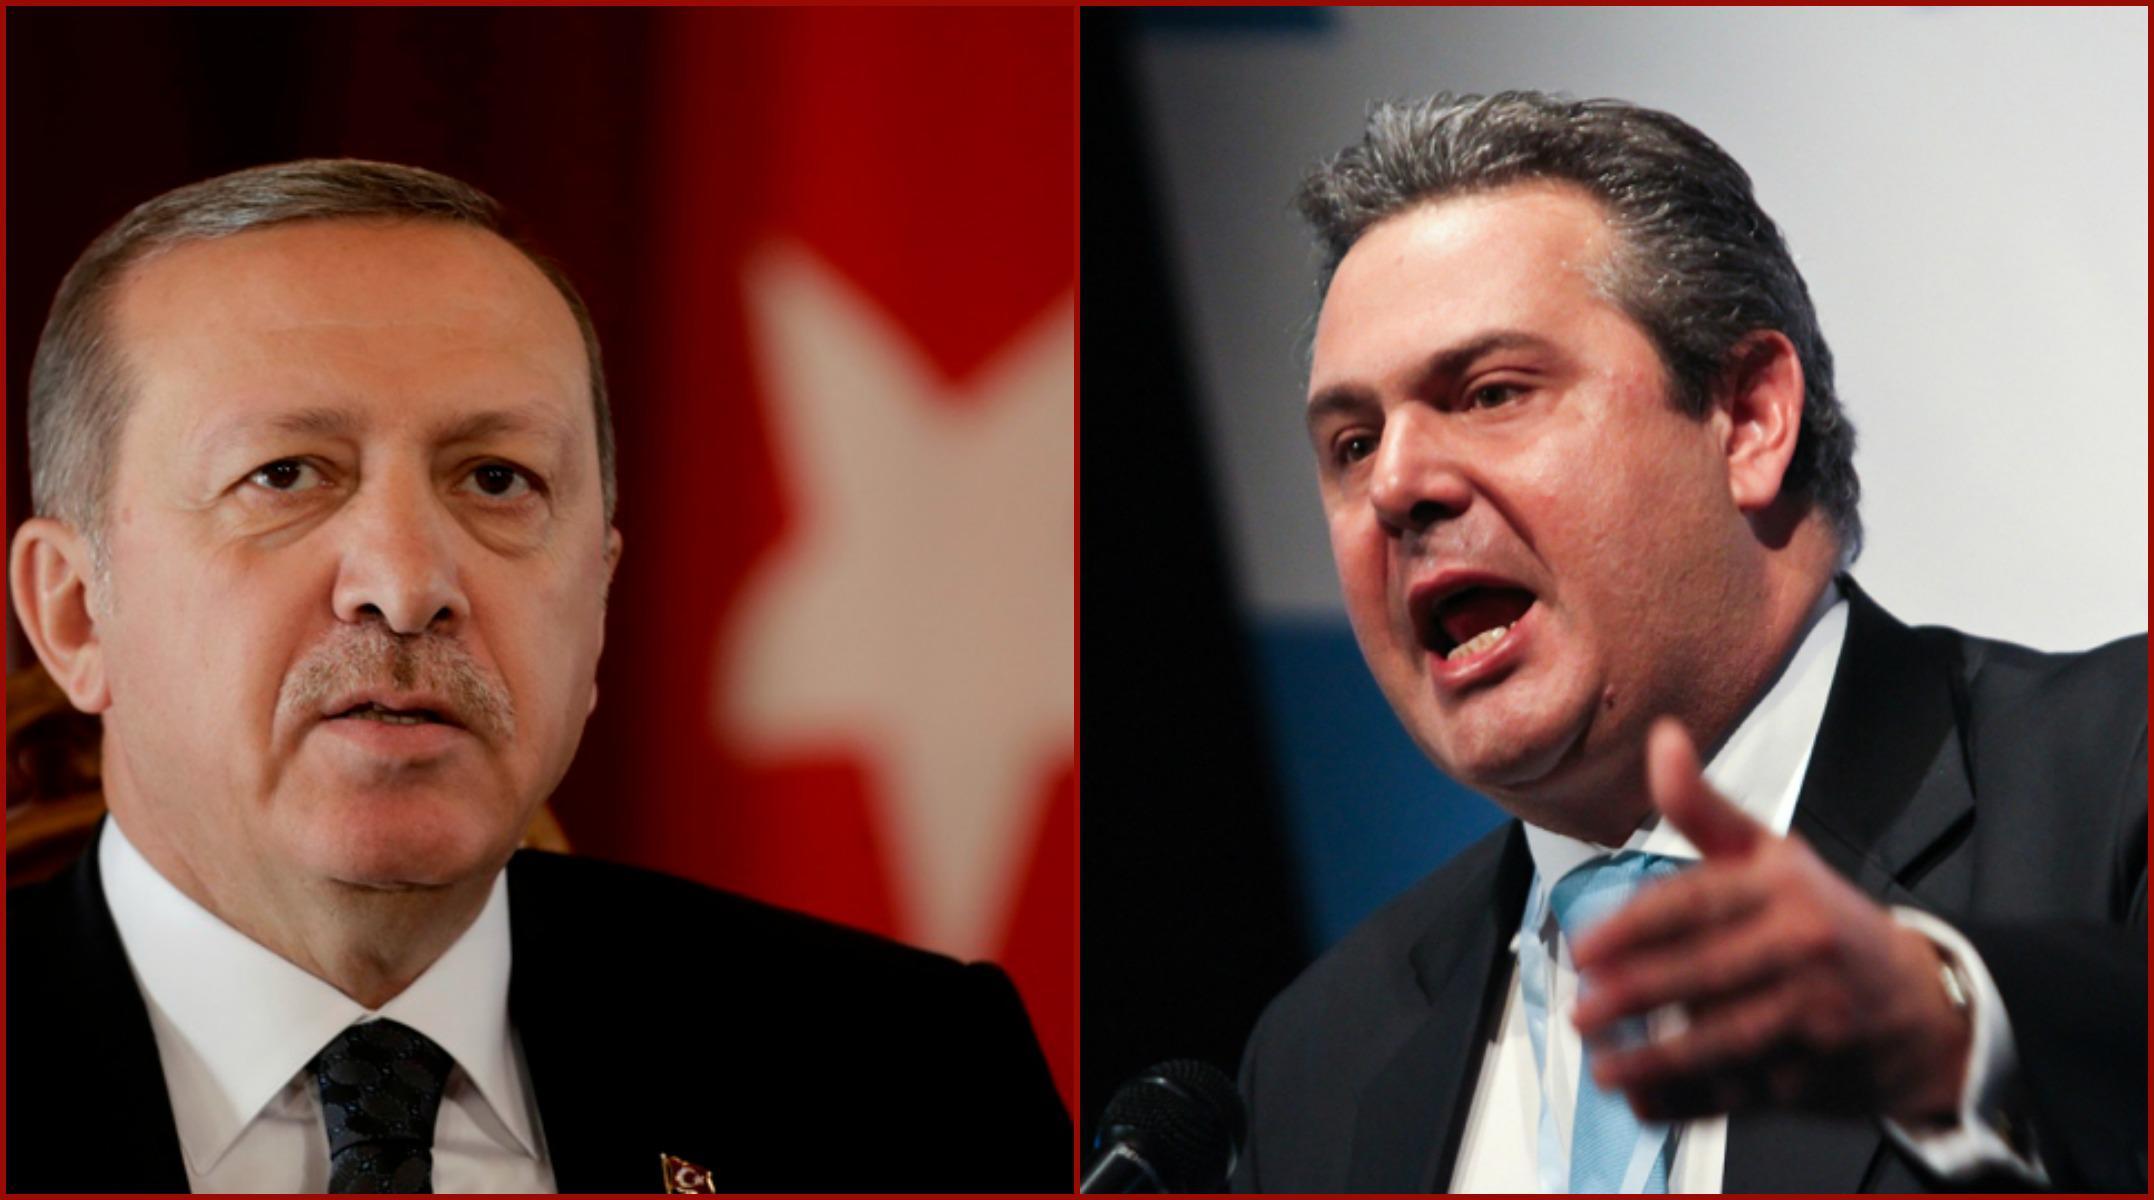 Πάνος Καμμένος: «Πράξη εισβολής, εάν η Τουρκία πραγματοποιήσει γεώτρηση στην ΑΟΖ της Κύπρου»